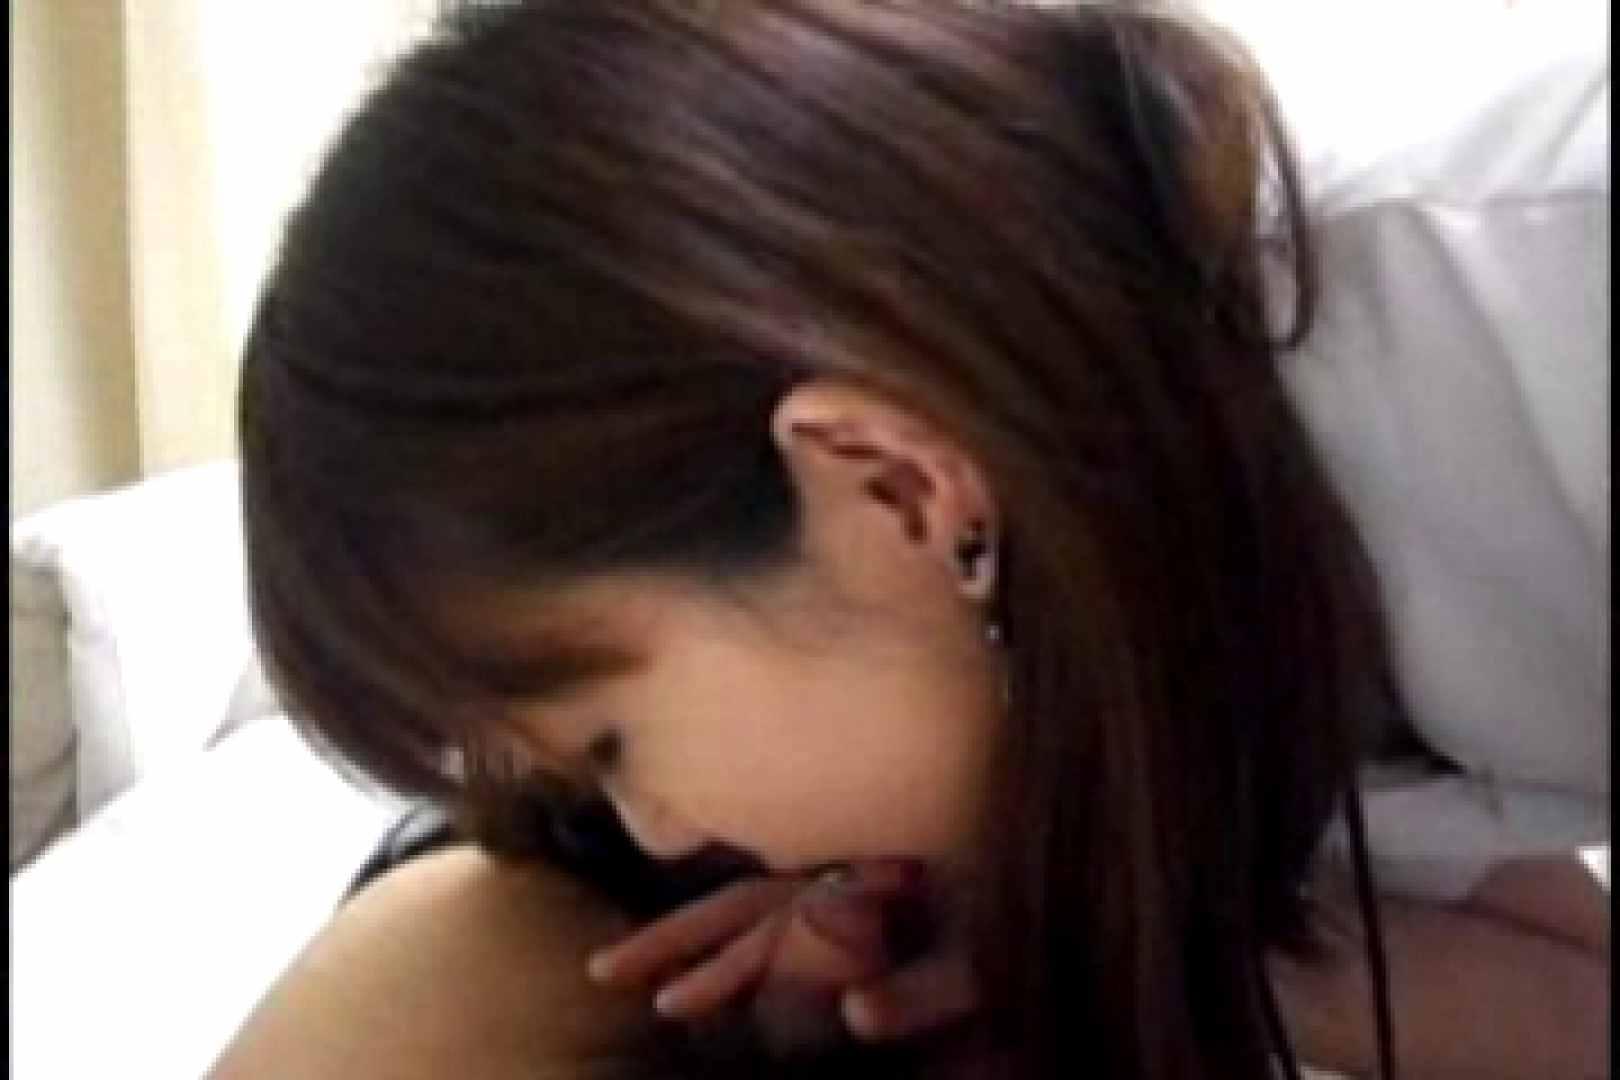 ヤリマンと呼ばれた看護士さんvol1 一般投稿  93pic 66